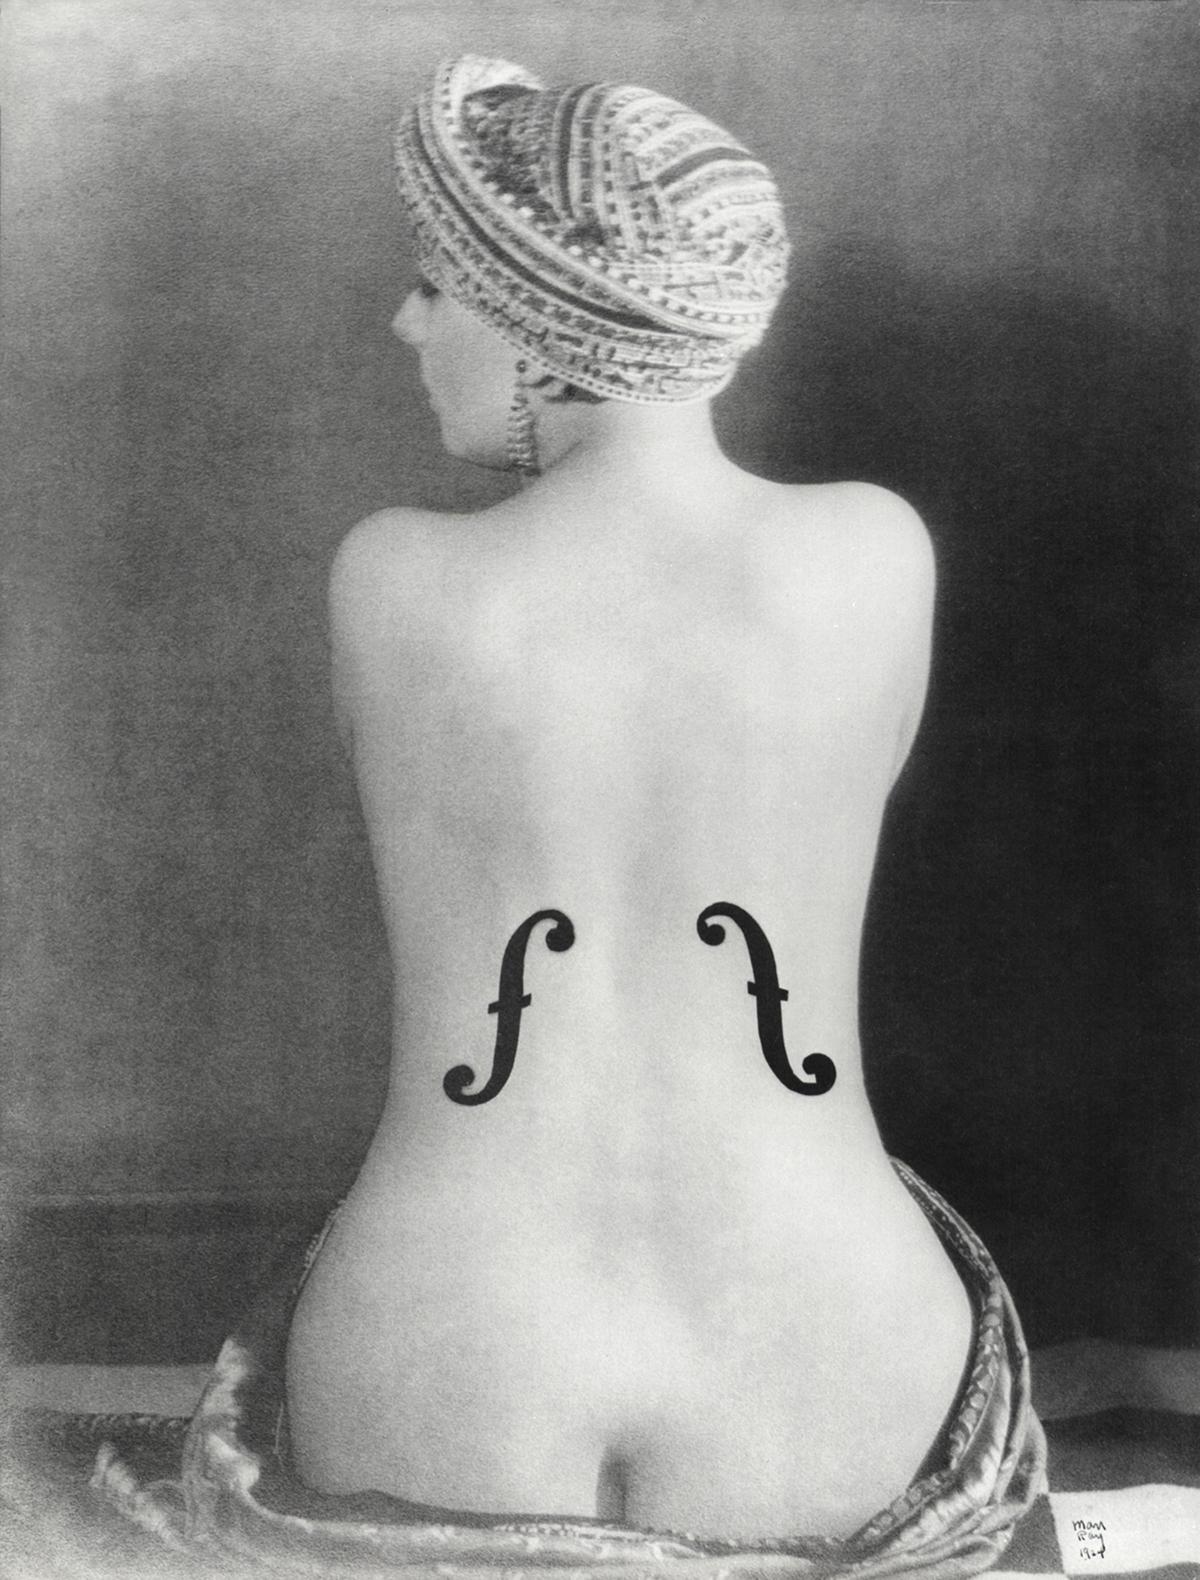 violon-d'ingre